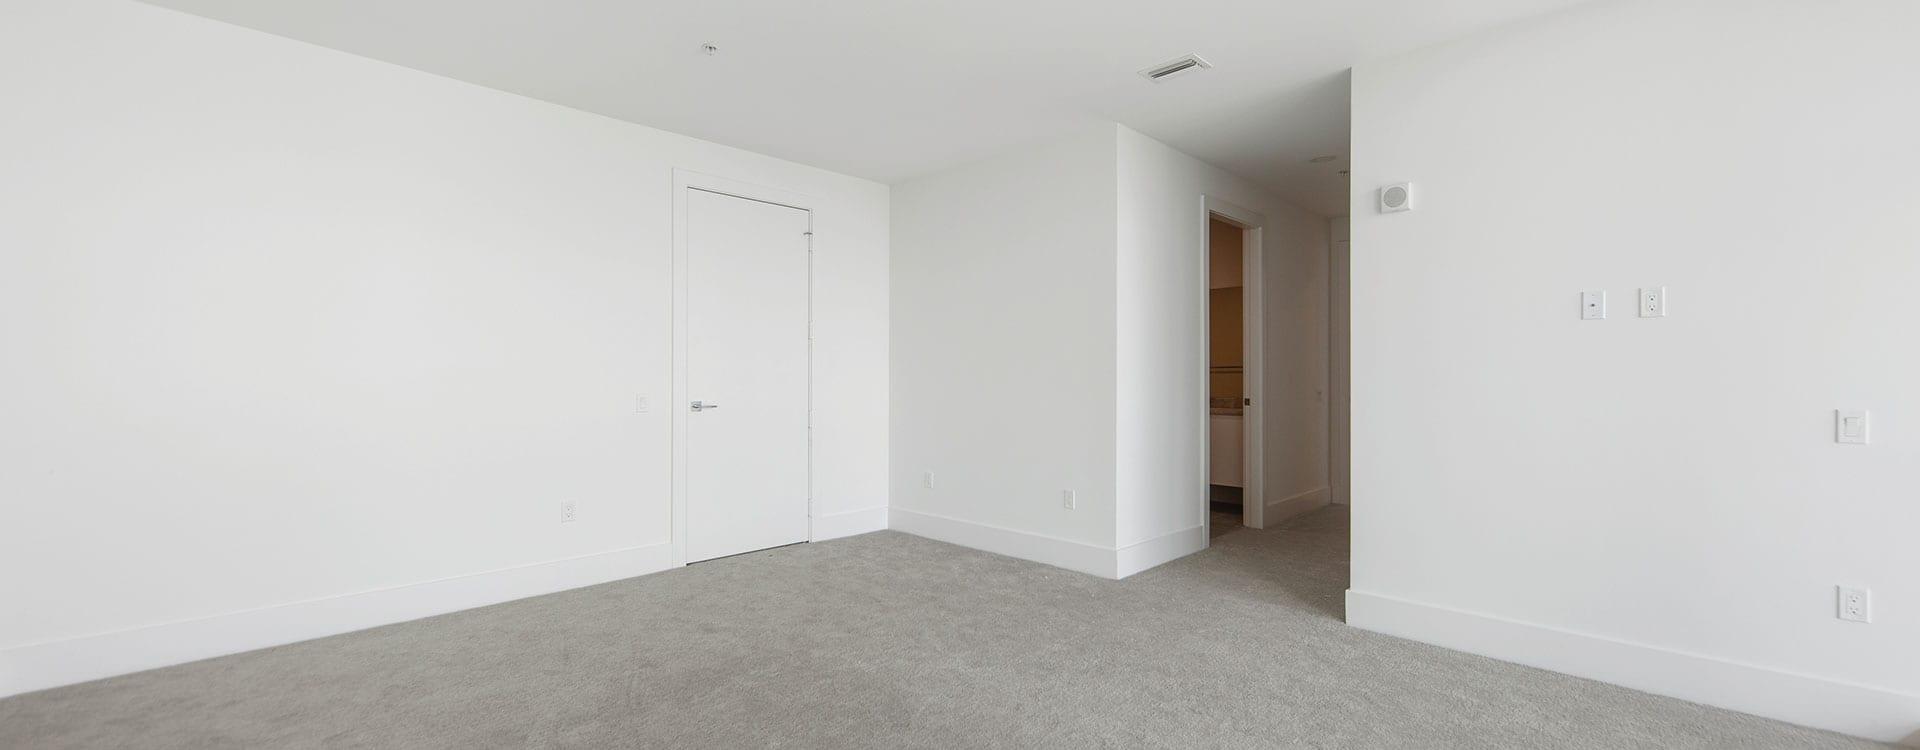 BLVD Sarasota Residence 1102 Bedroom